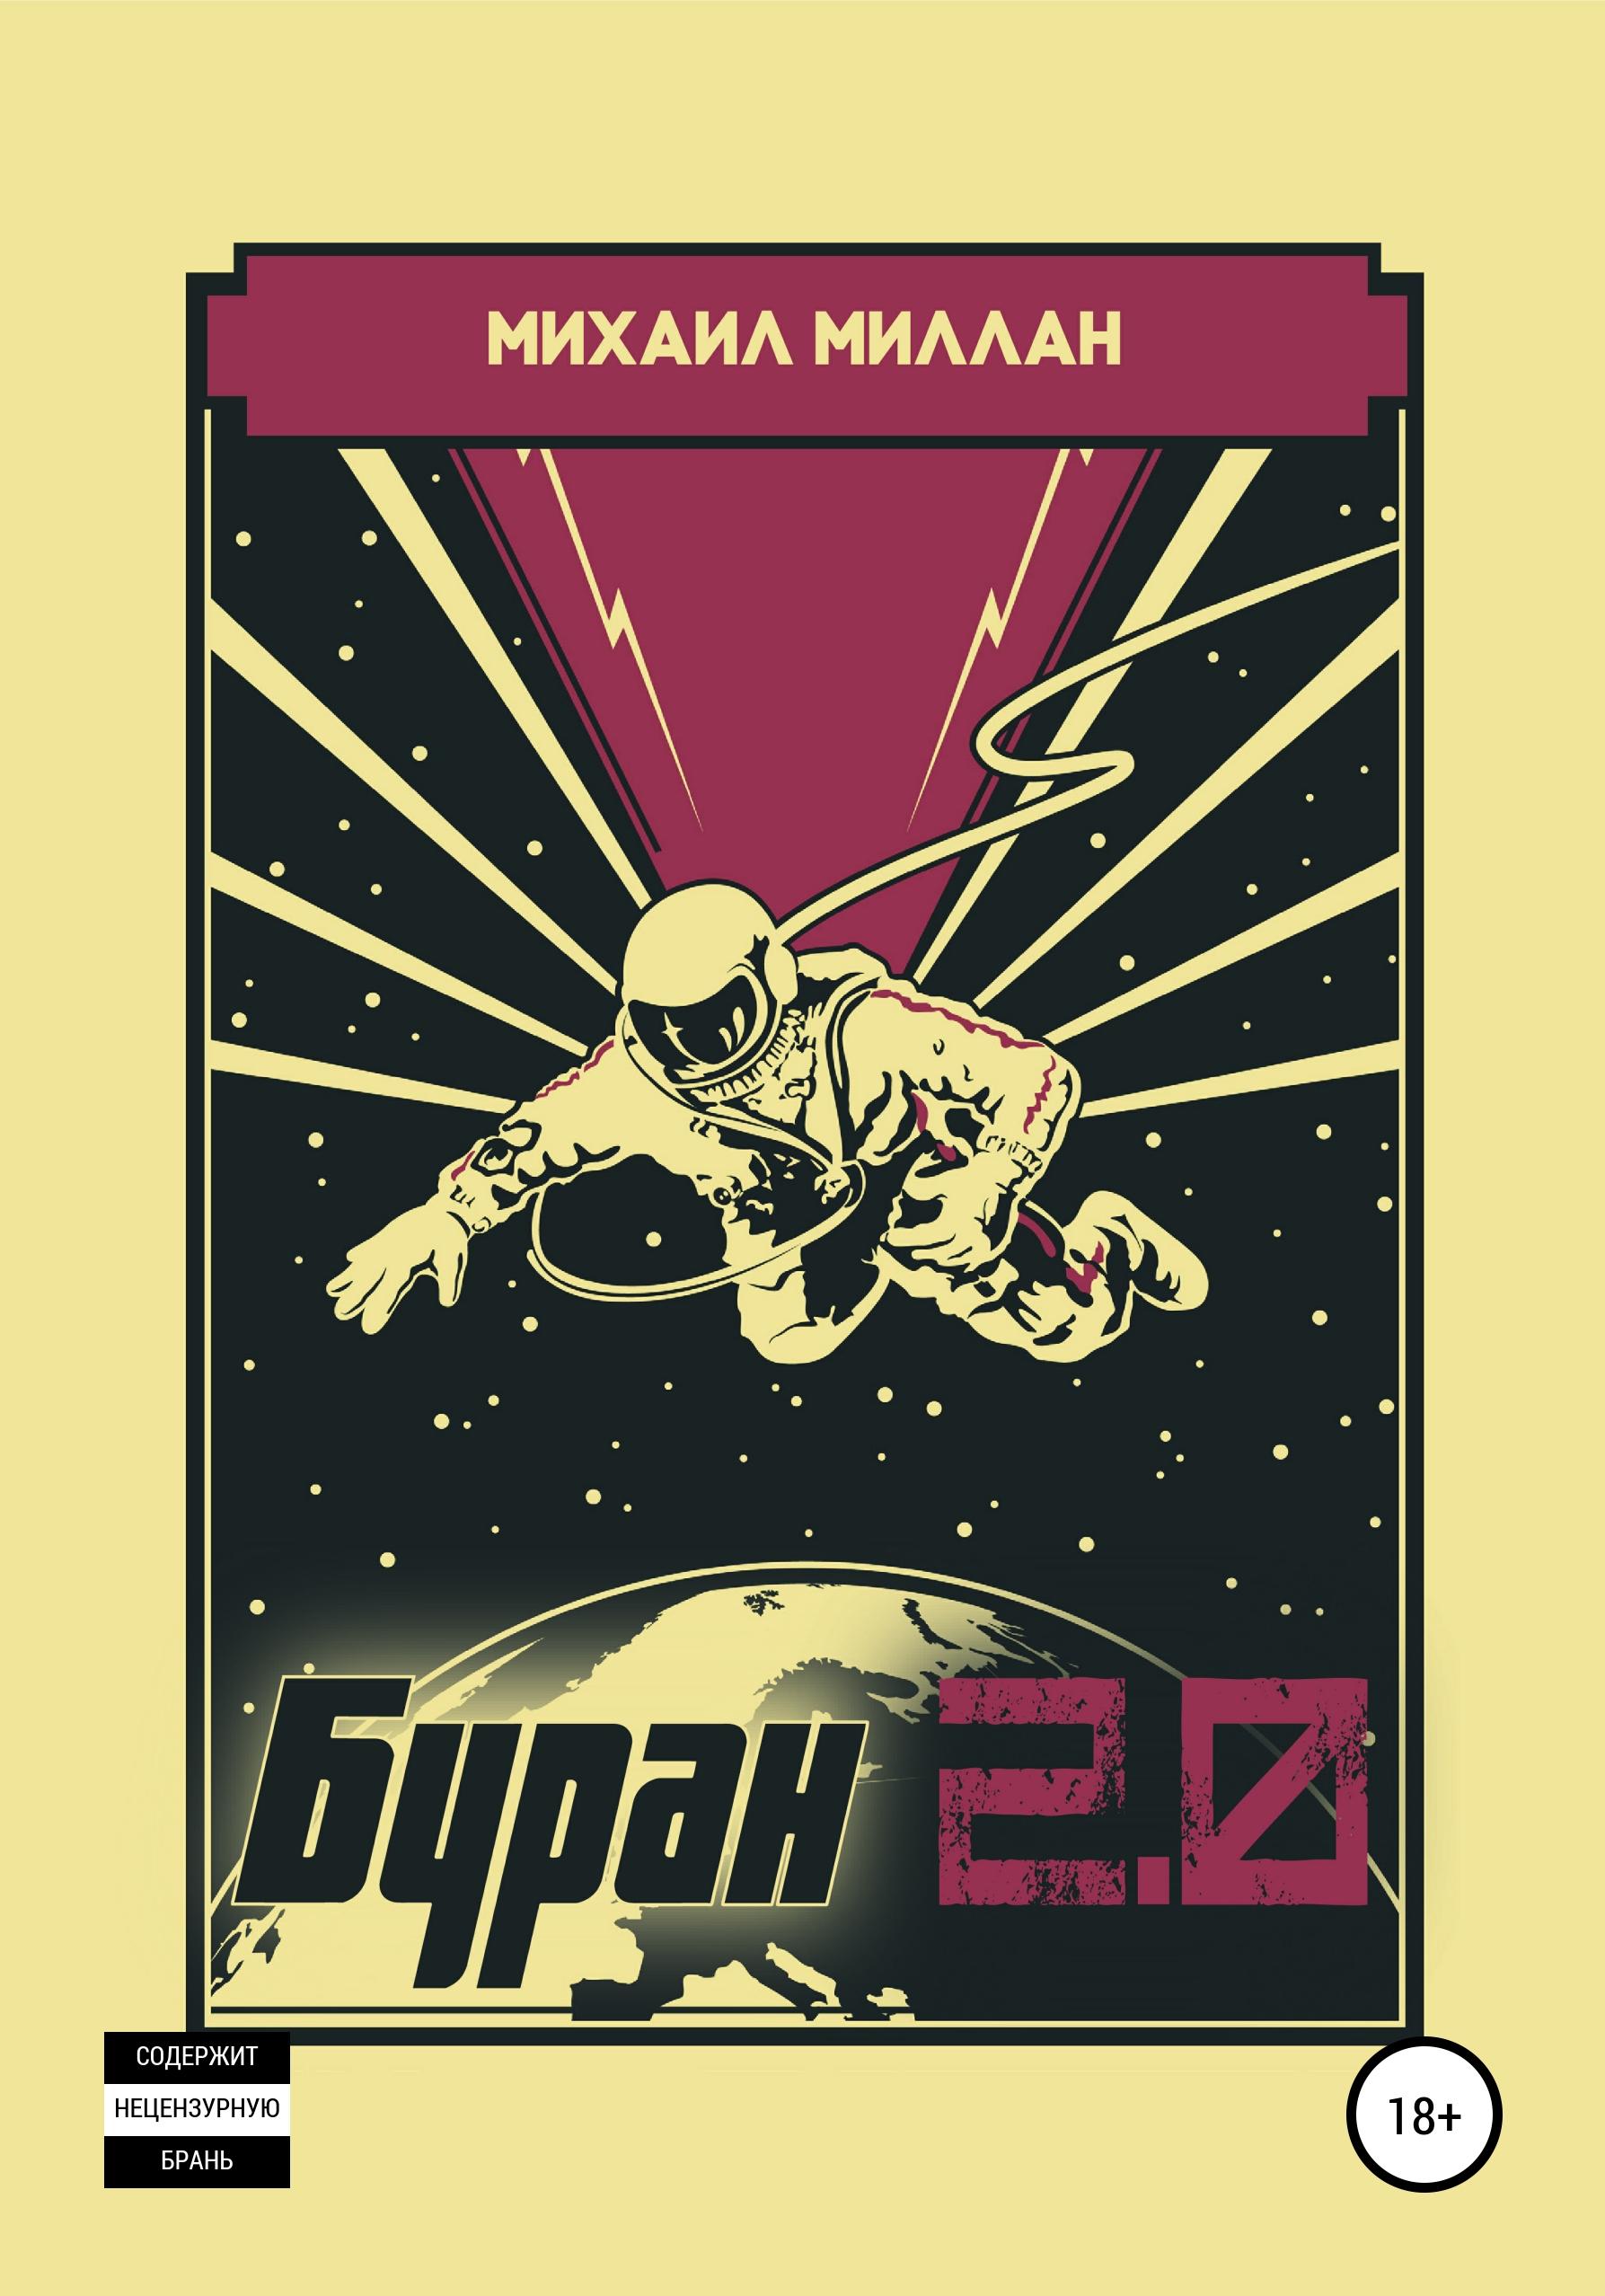 Купить книгу Буран 2.0, автора Михаила Миллана